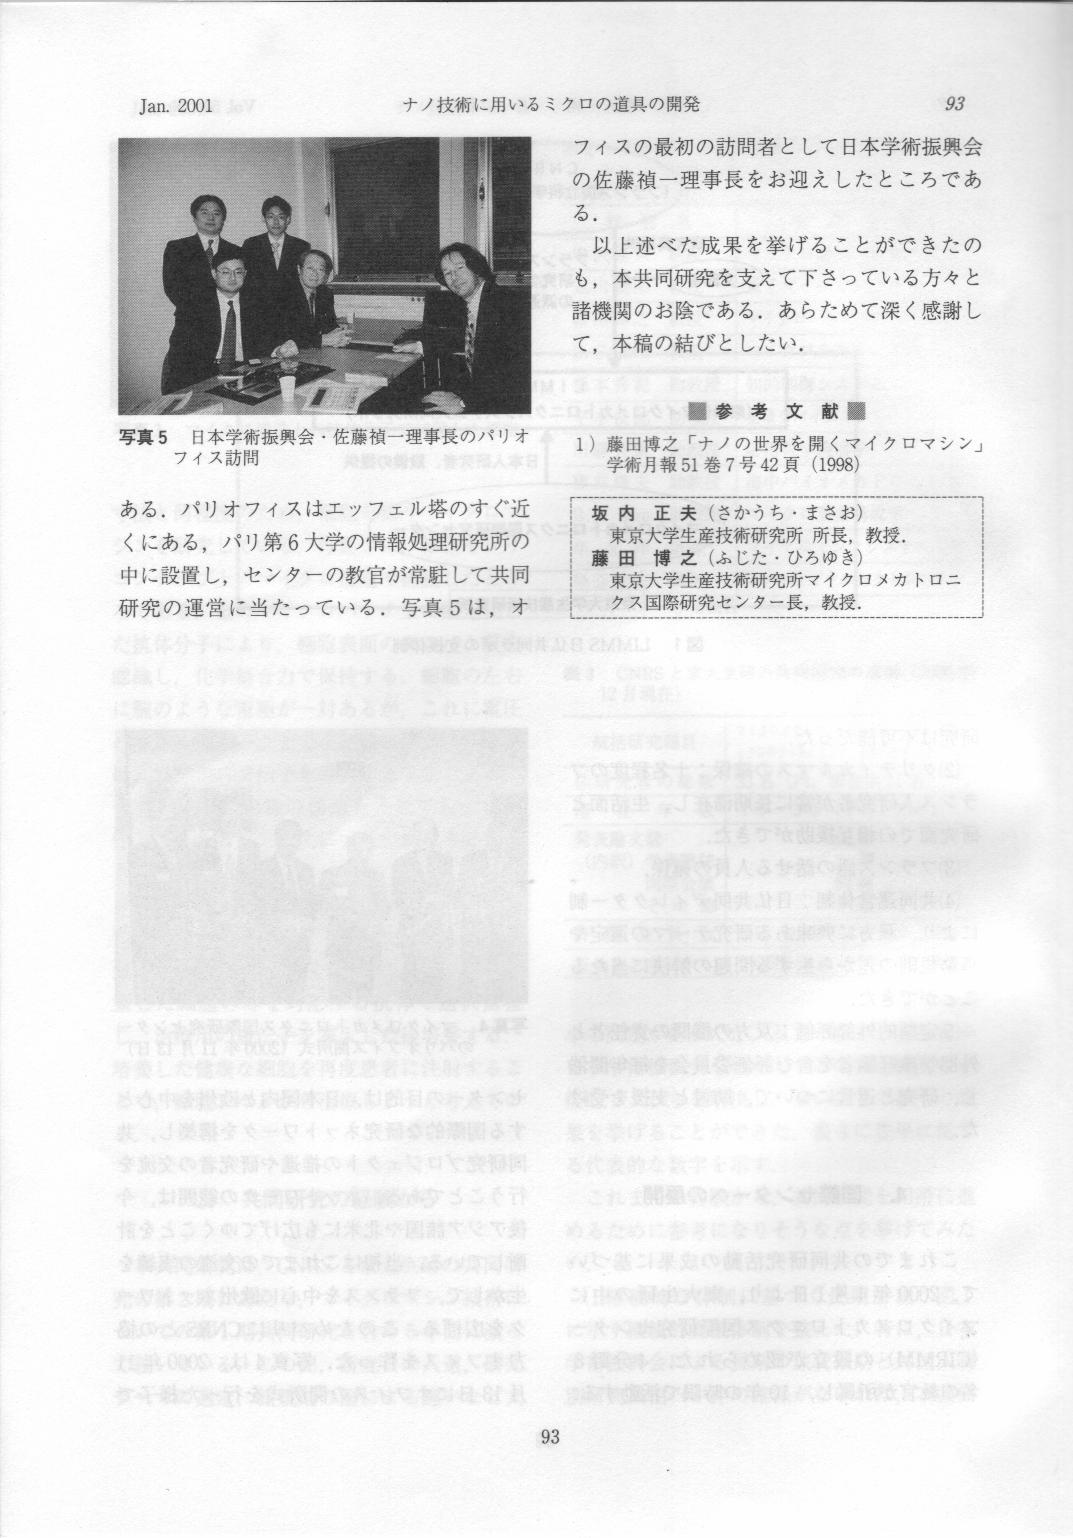 学術月報200101-6.png